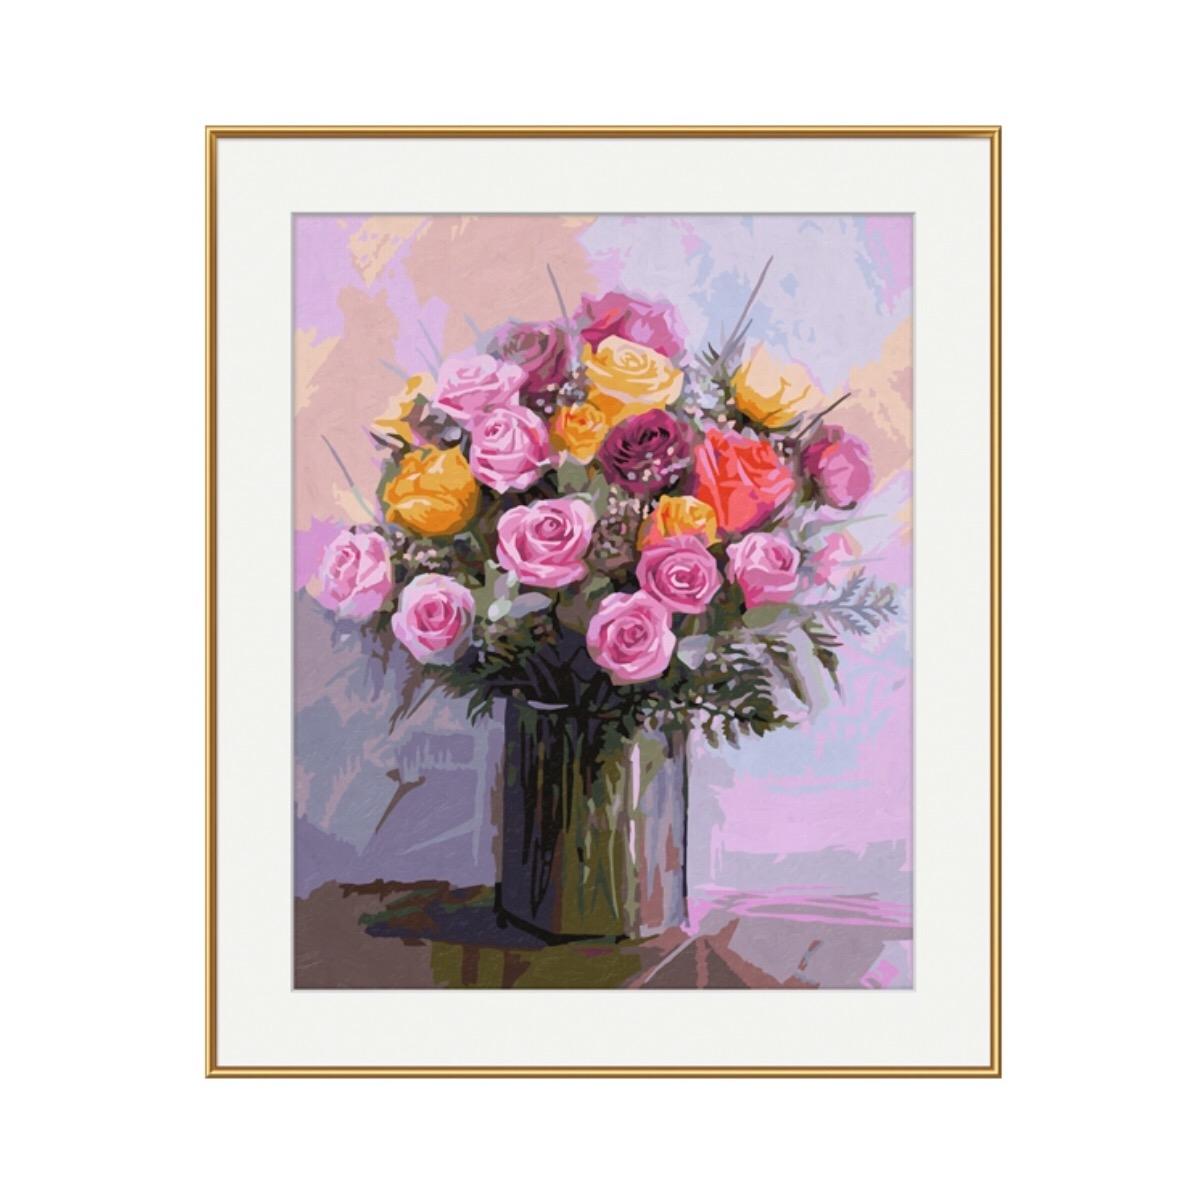 Набор для раскрашивания по номерам – Букет роз, 40 х 50 см.Раскраски по номерам Schipper<br>Набор для раскрашивания по номерам – Букет роз, 40 х 50 см.<br>